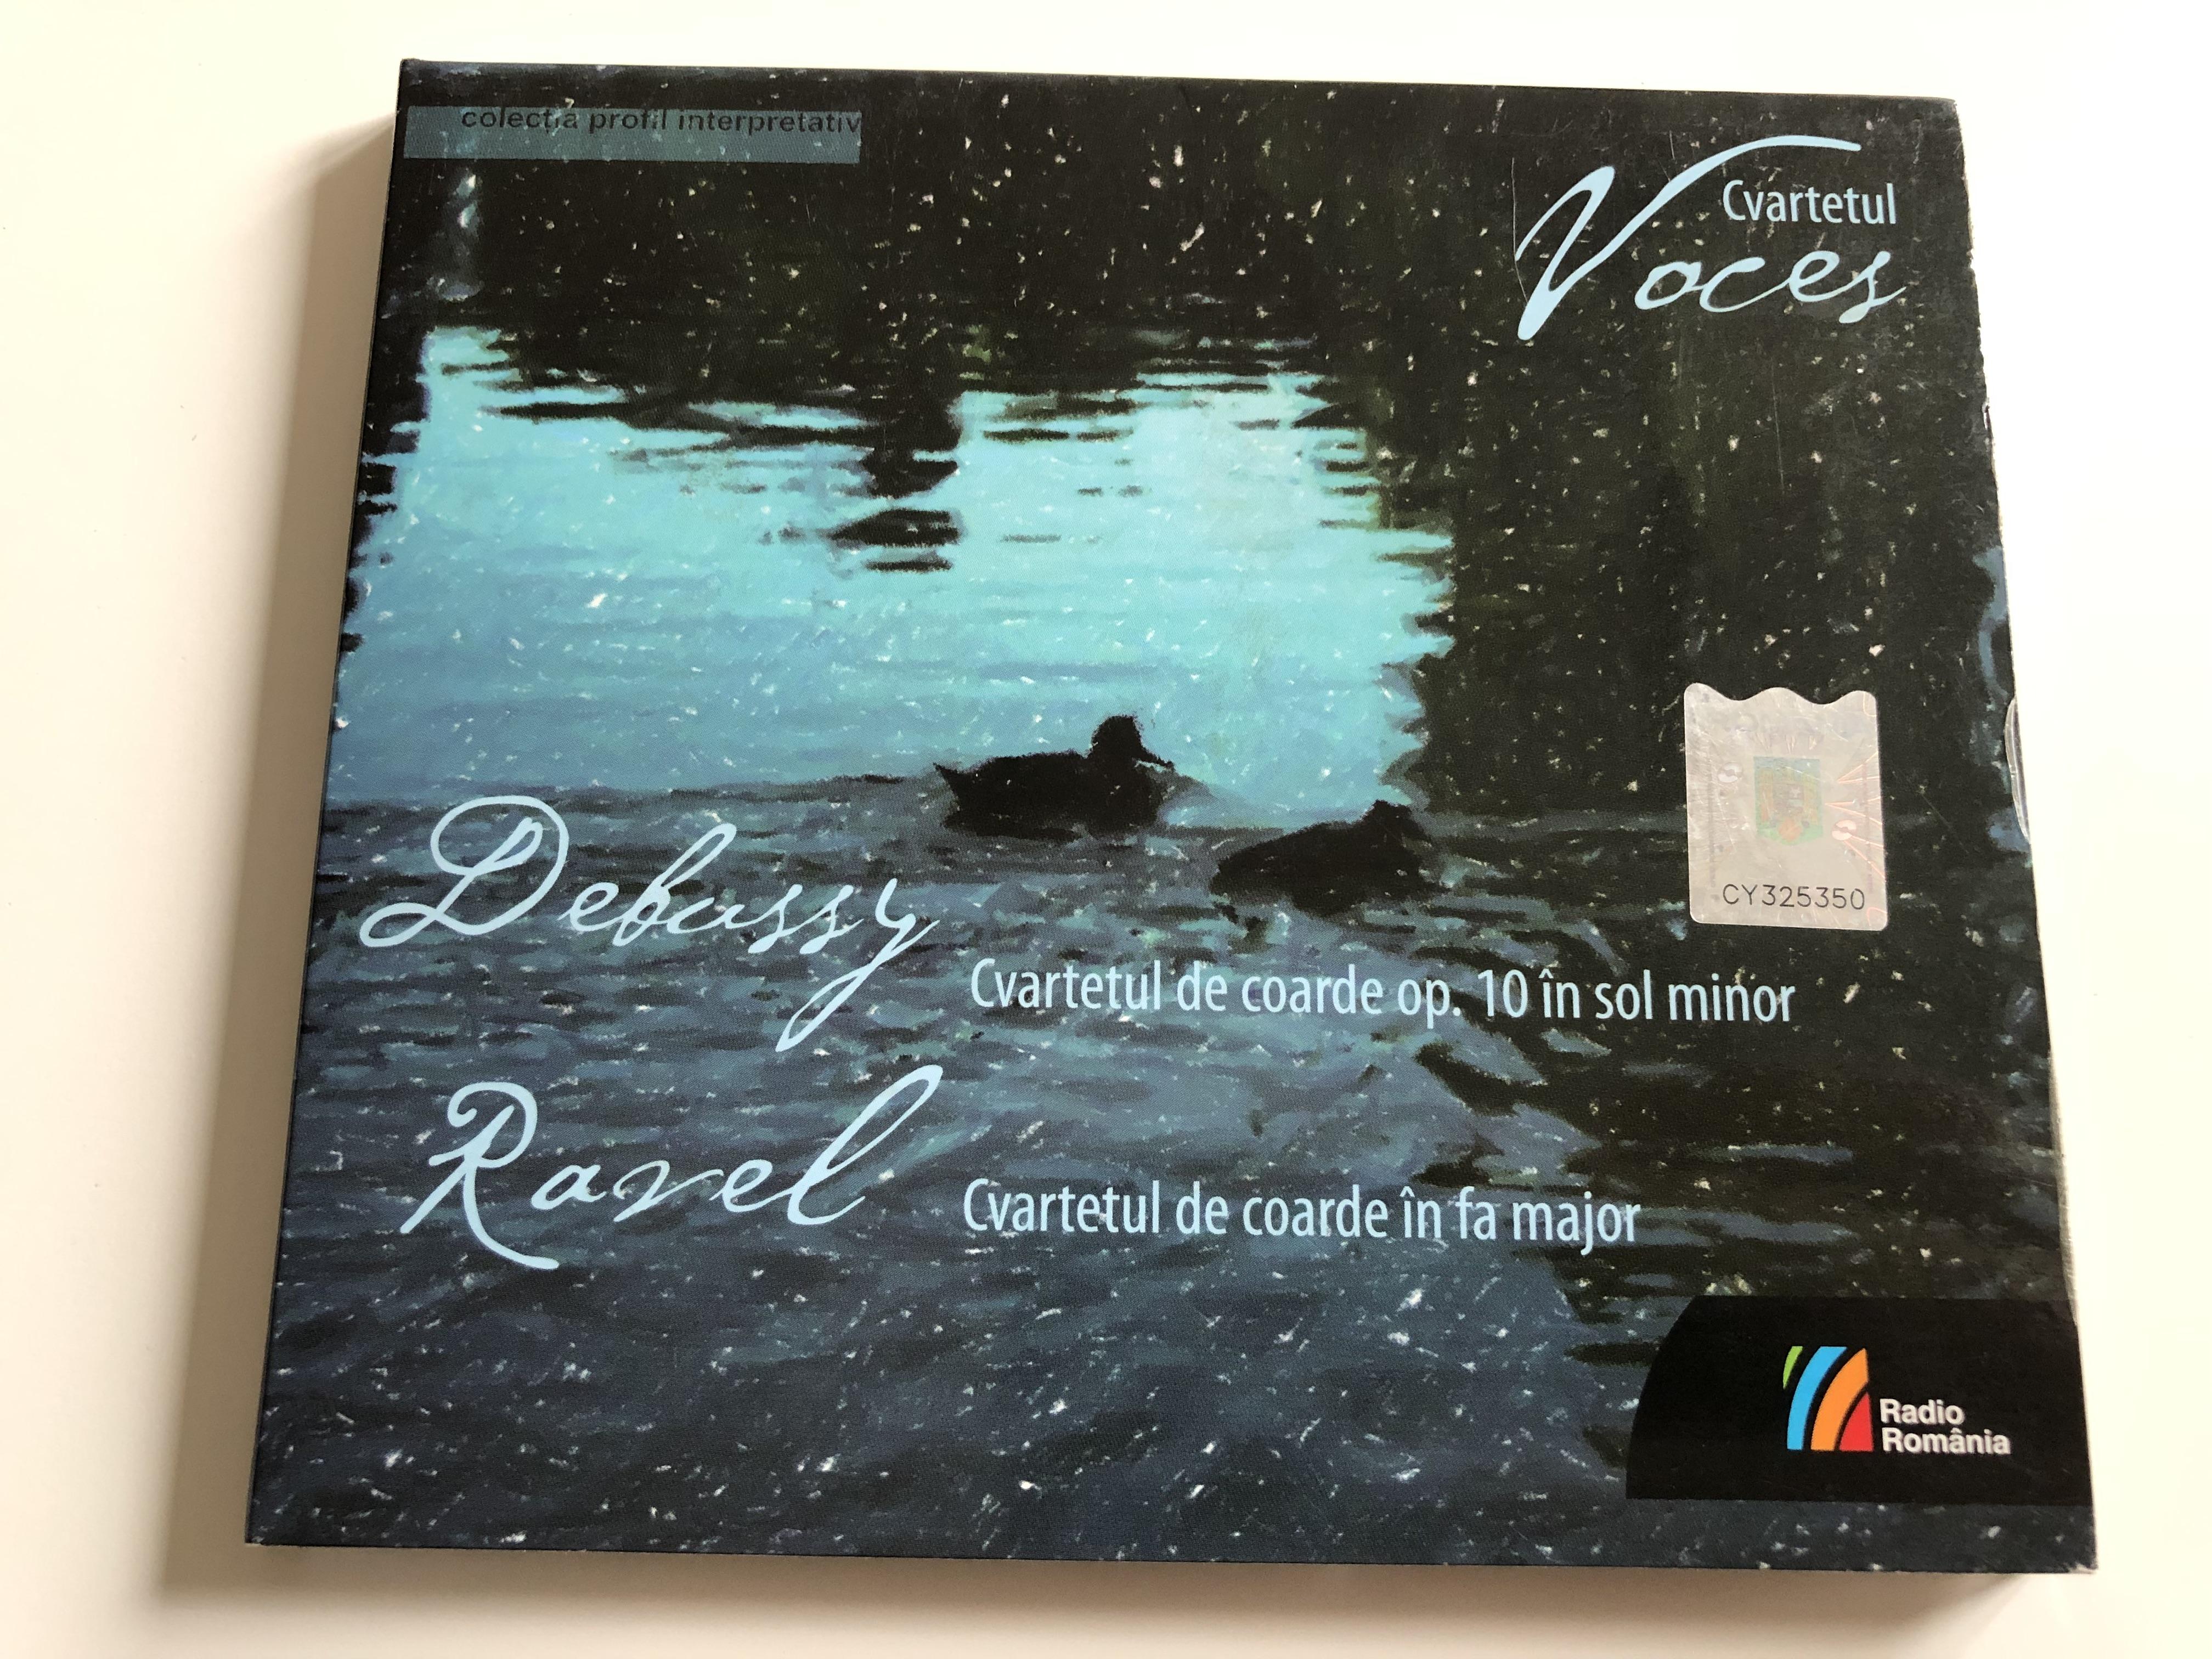 cvartetul-voces-debussy-cvartetul-de-coarde-op.-10-in-sol-minor-ravel-cvartetul-de-coarde-in-fa-major-radio-romania-audio-cd-2012-1-.jpg